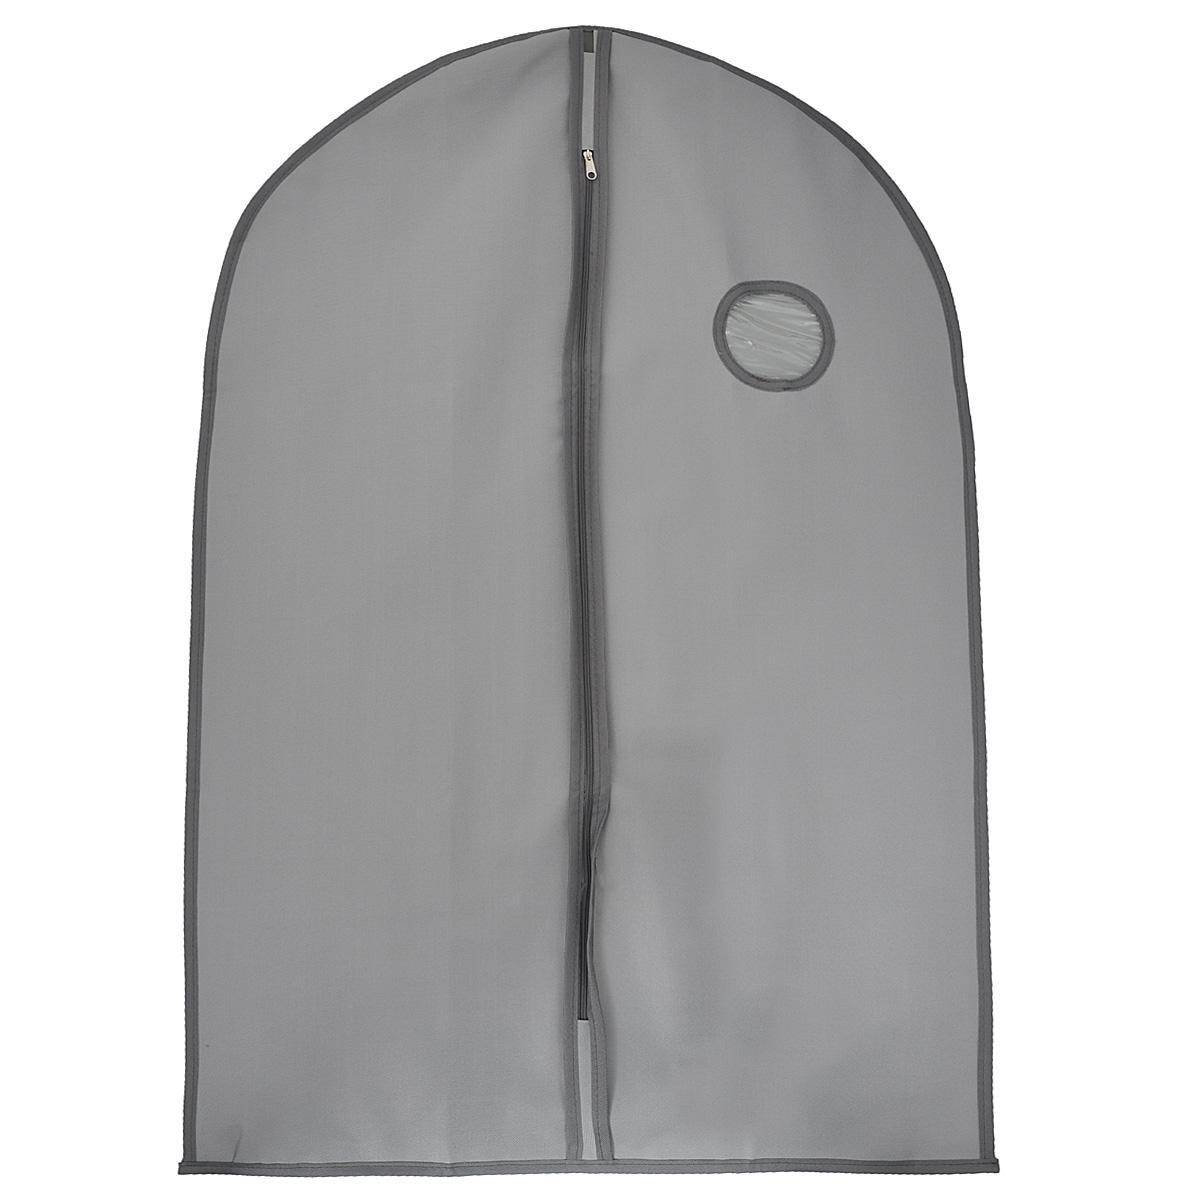 Чехол для одежды FS-6502S-P, цвет: темно-серый, 60 см х 90 смFS-6502S-PЧехол для одежды FS-6502S-P изготовлен из высококачественного нетканого материала. Особое строение полотна создает естественную вентиляцию: материал дышит и позволяет воздуху свободно проникать внутрь чехла, не пропуская пыль. Благодаря форме чехла, одежда не мнется даже при длительном хранении. Застегивается на молнию. Окошко из пластика позволяет увидеть, какие вещи находятся внутри. Чехол для одежды будет очень полезен при транспортировке вещей на близкие и дальние расстояния, при длительном хранении сезонной одежды, а также при ежедневном хранении вещей из деликатных тканей. Чехол для одежды FS-6502S-P не только защитит ваши вещи от пыли и влаги, но и поможет доставить одежду на любое мероприятие в идеальном состоянии.